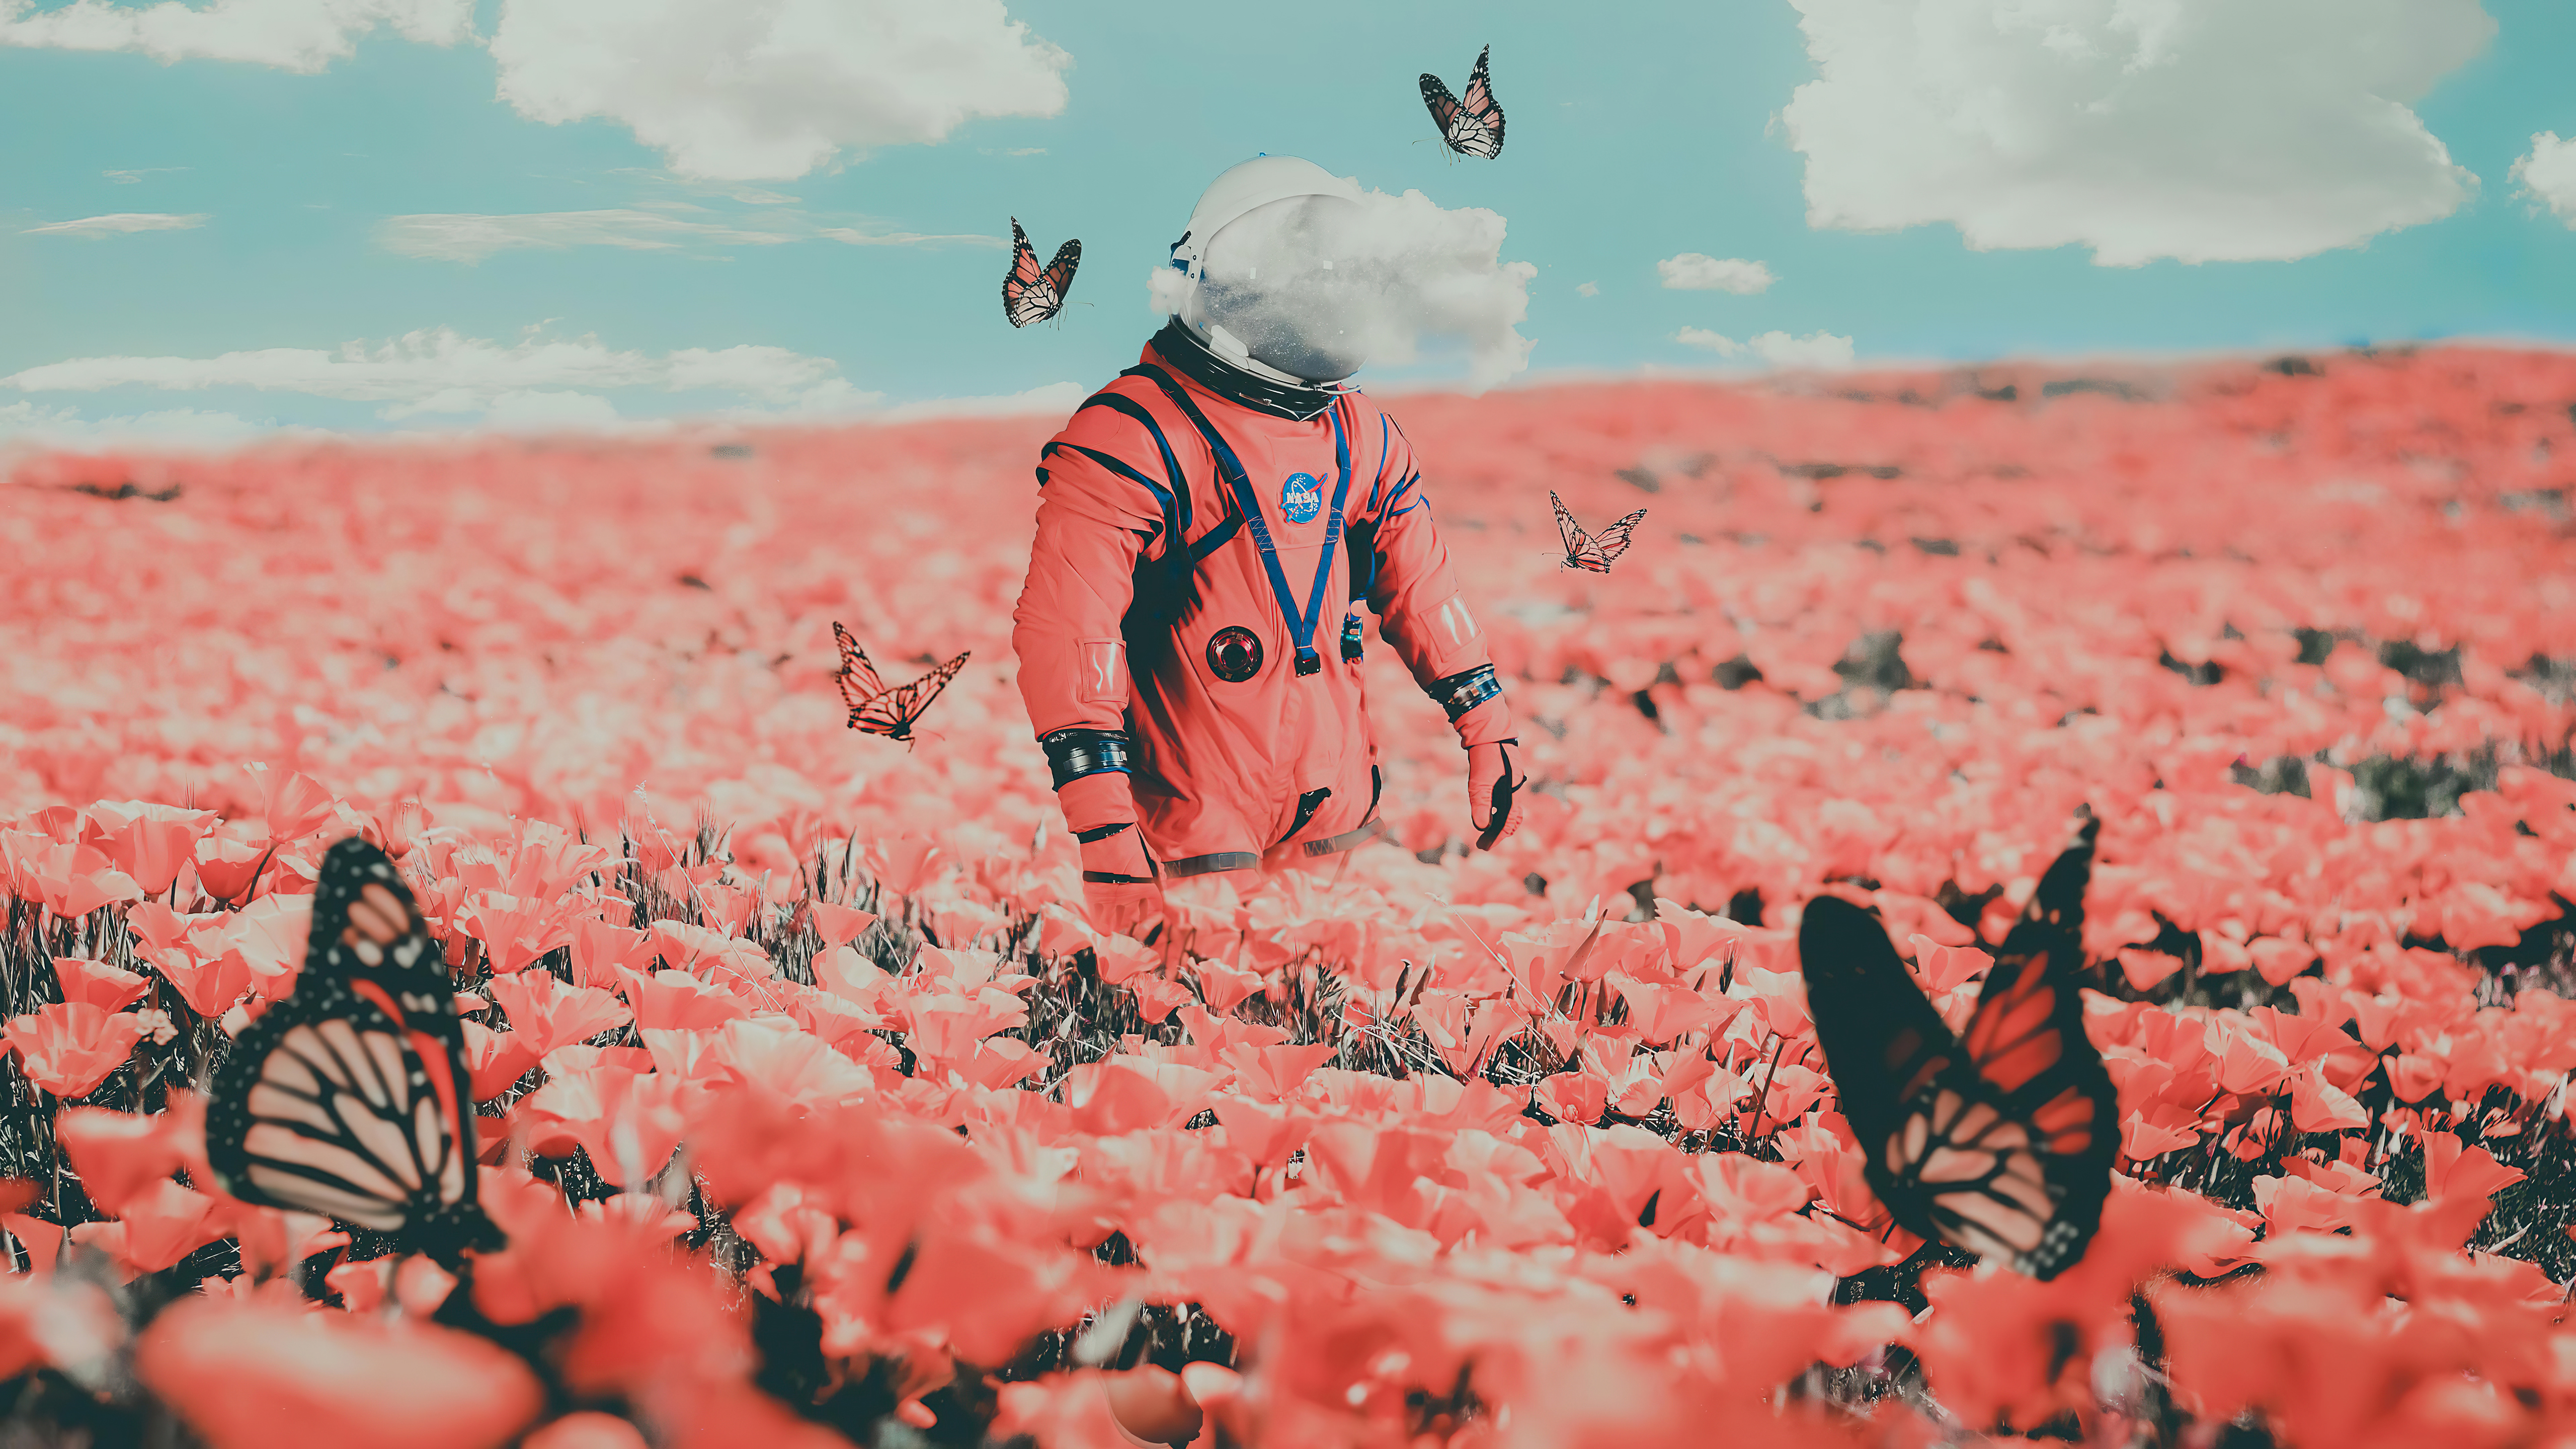 Fondos de pantalla Astronauta entre flores y mariposas